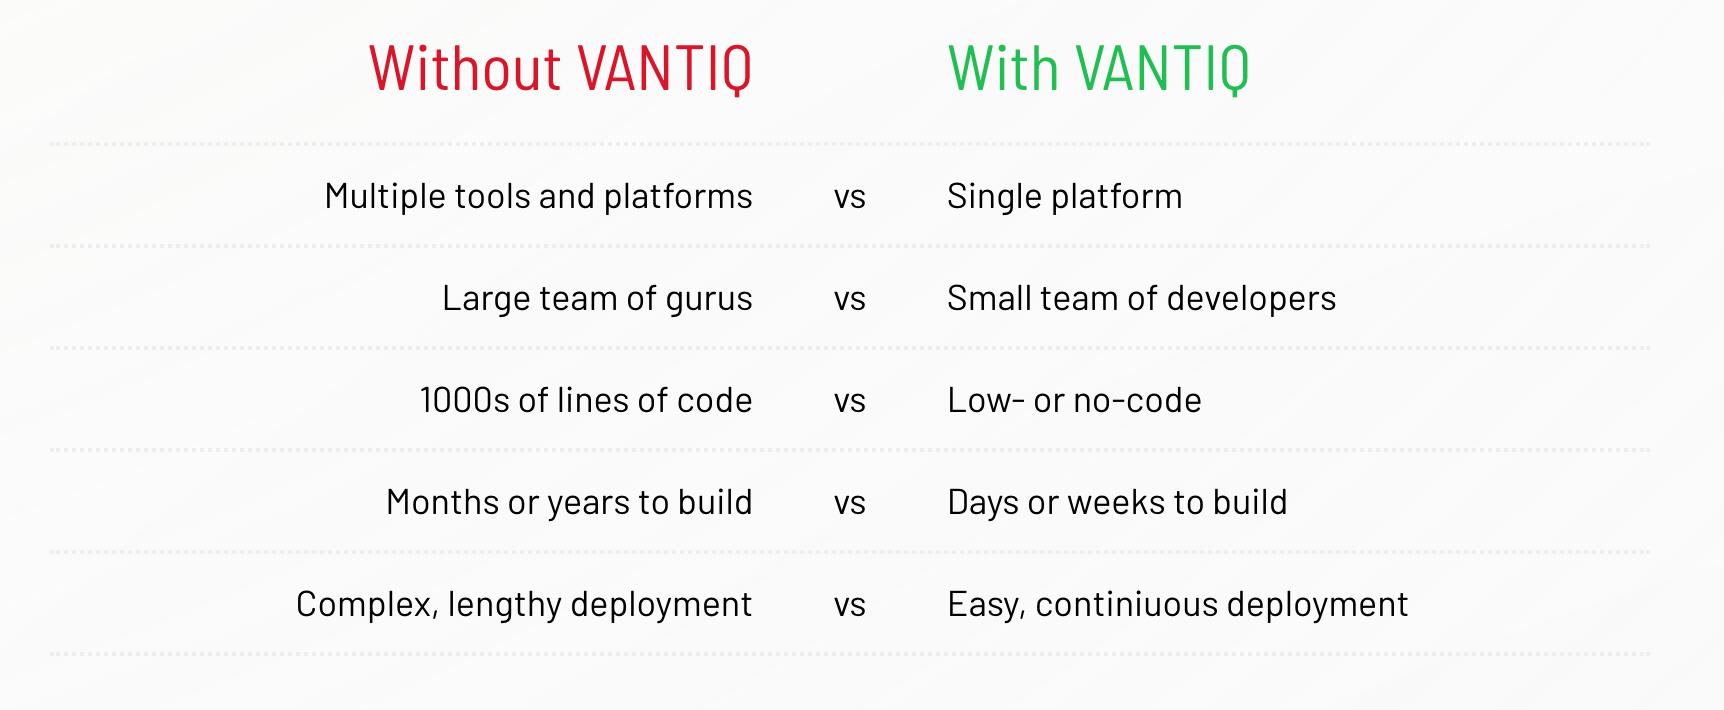 vantiq advantages